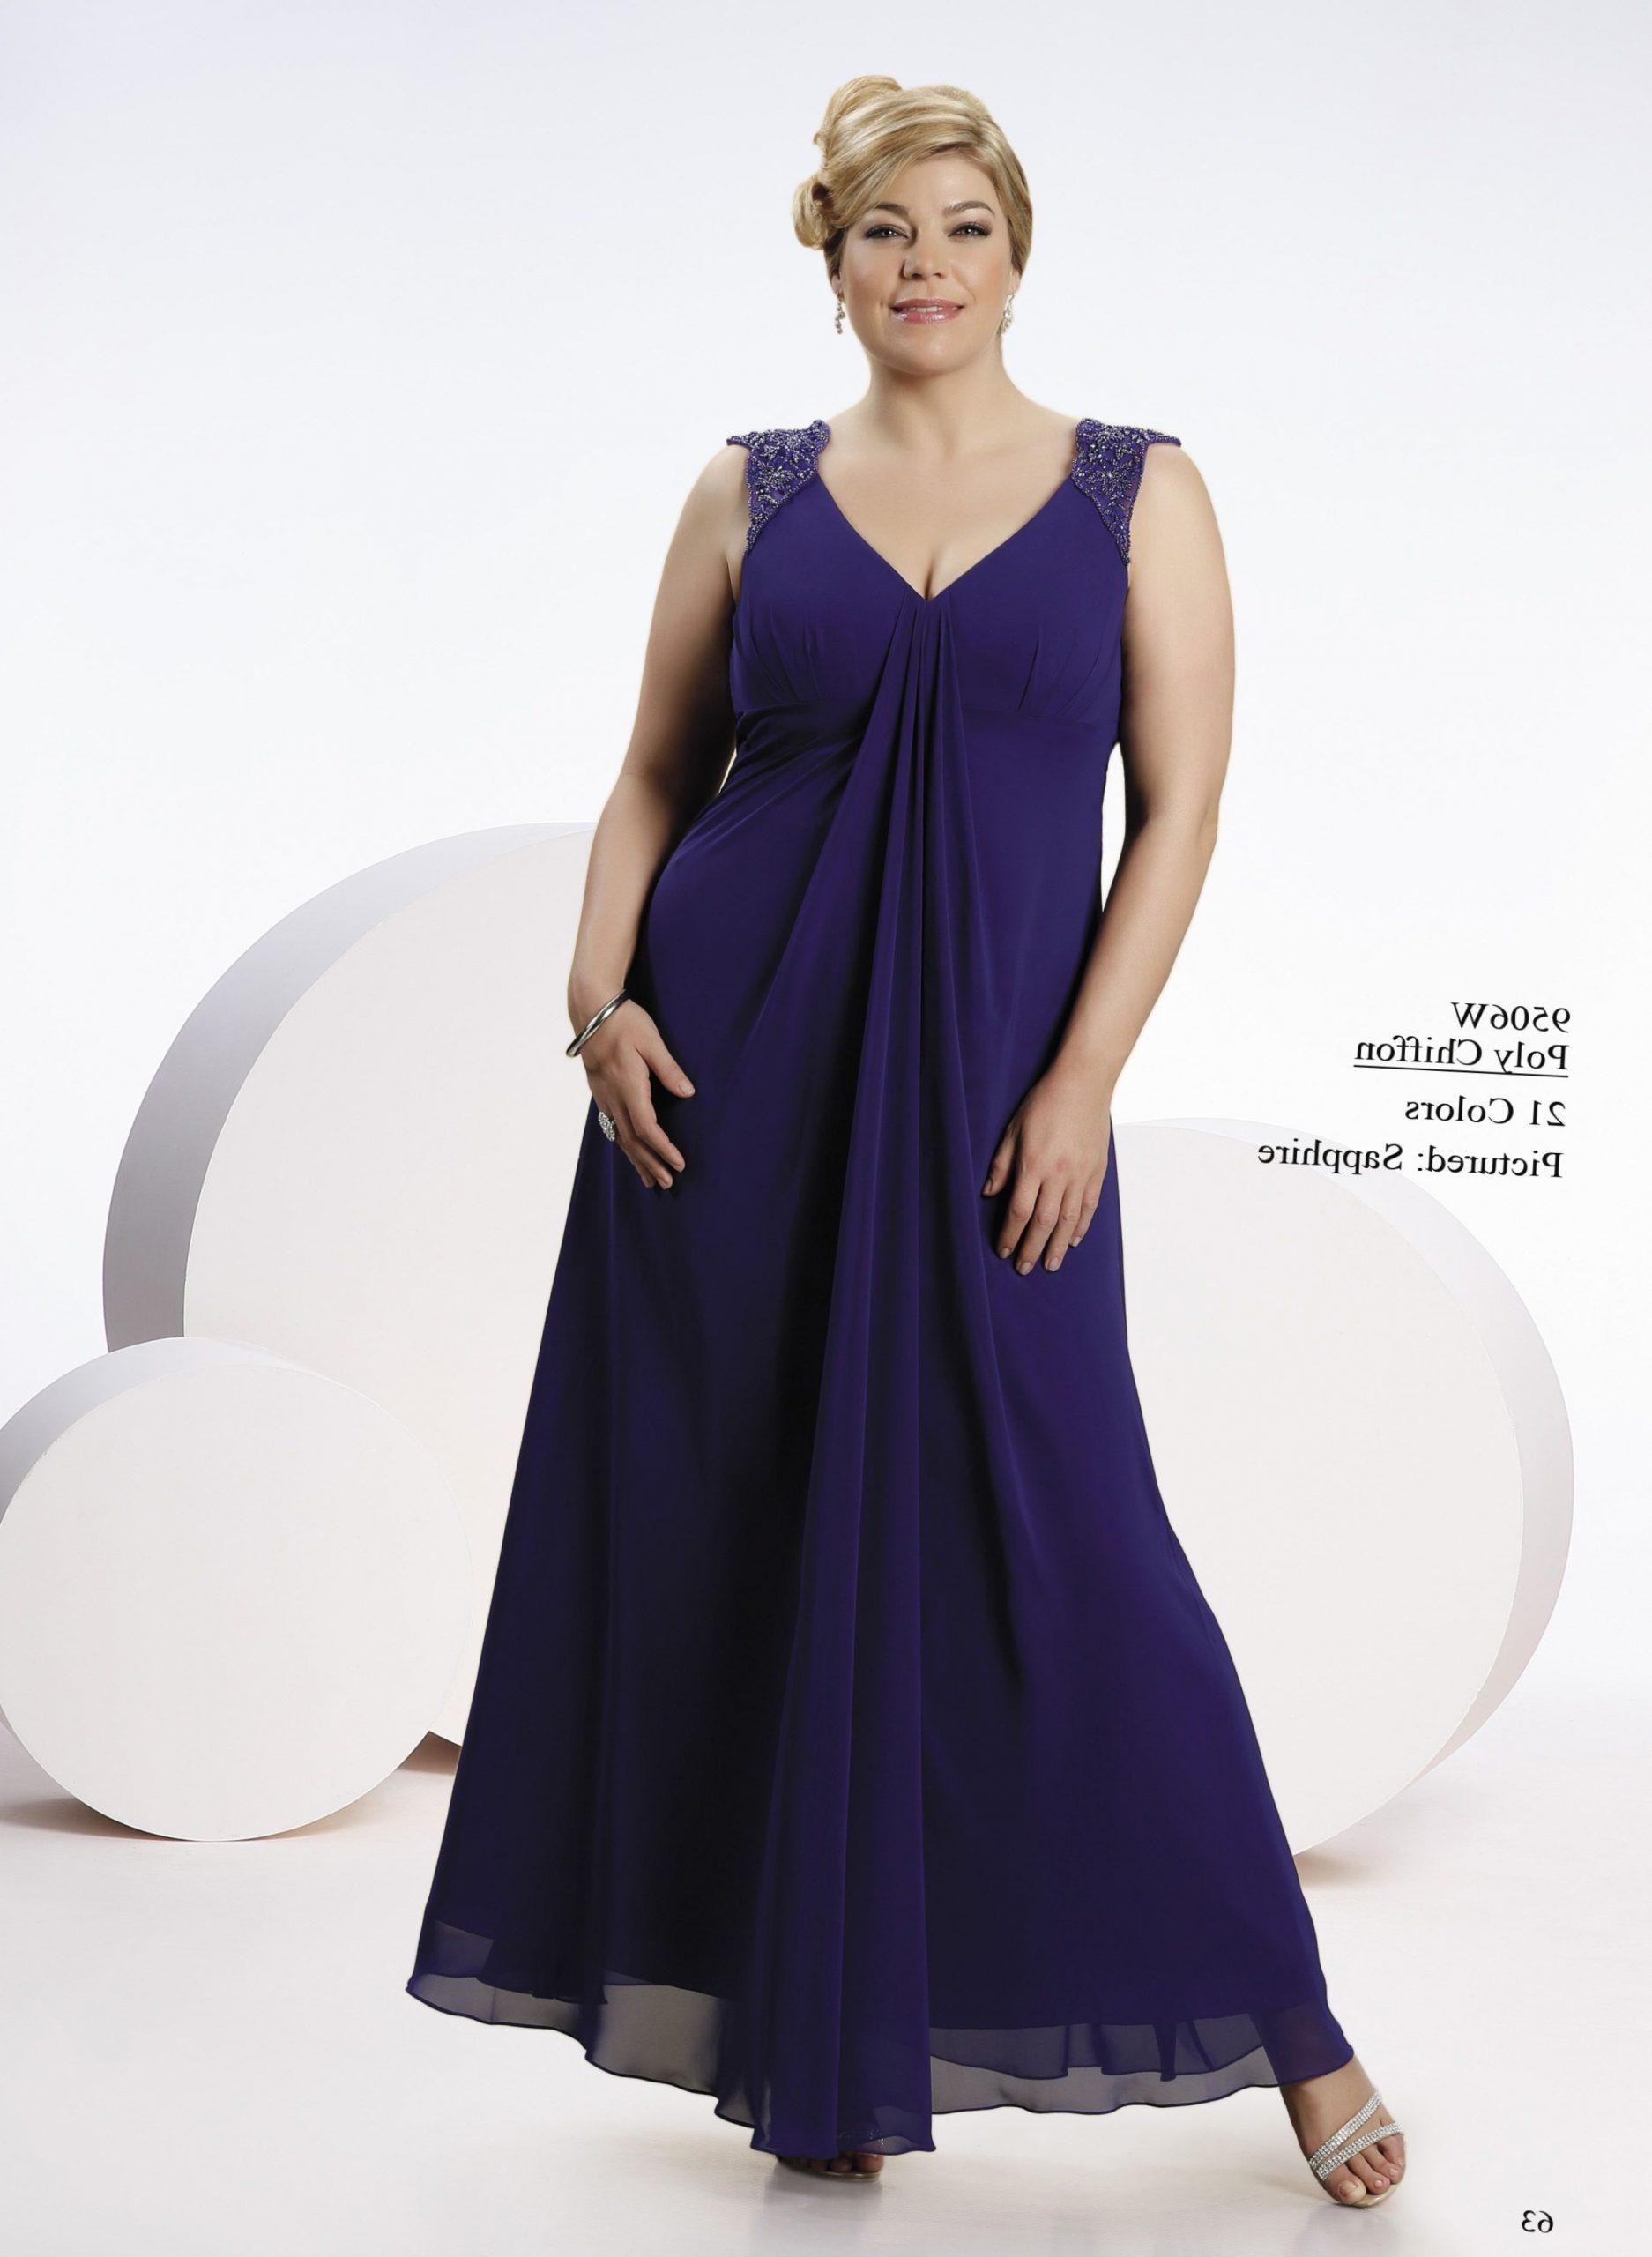 20 Spektakulär Schicke Kleider Vertrieb20 Luxurius Schicke Kleider Galerie